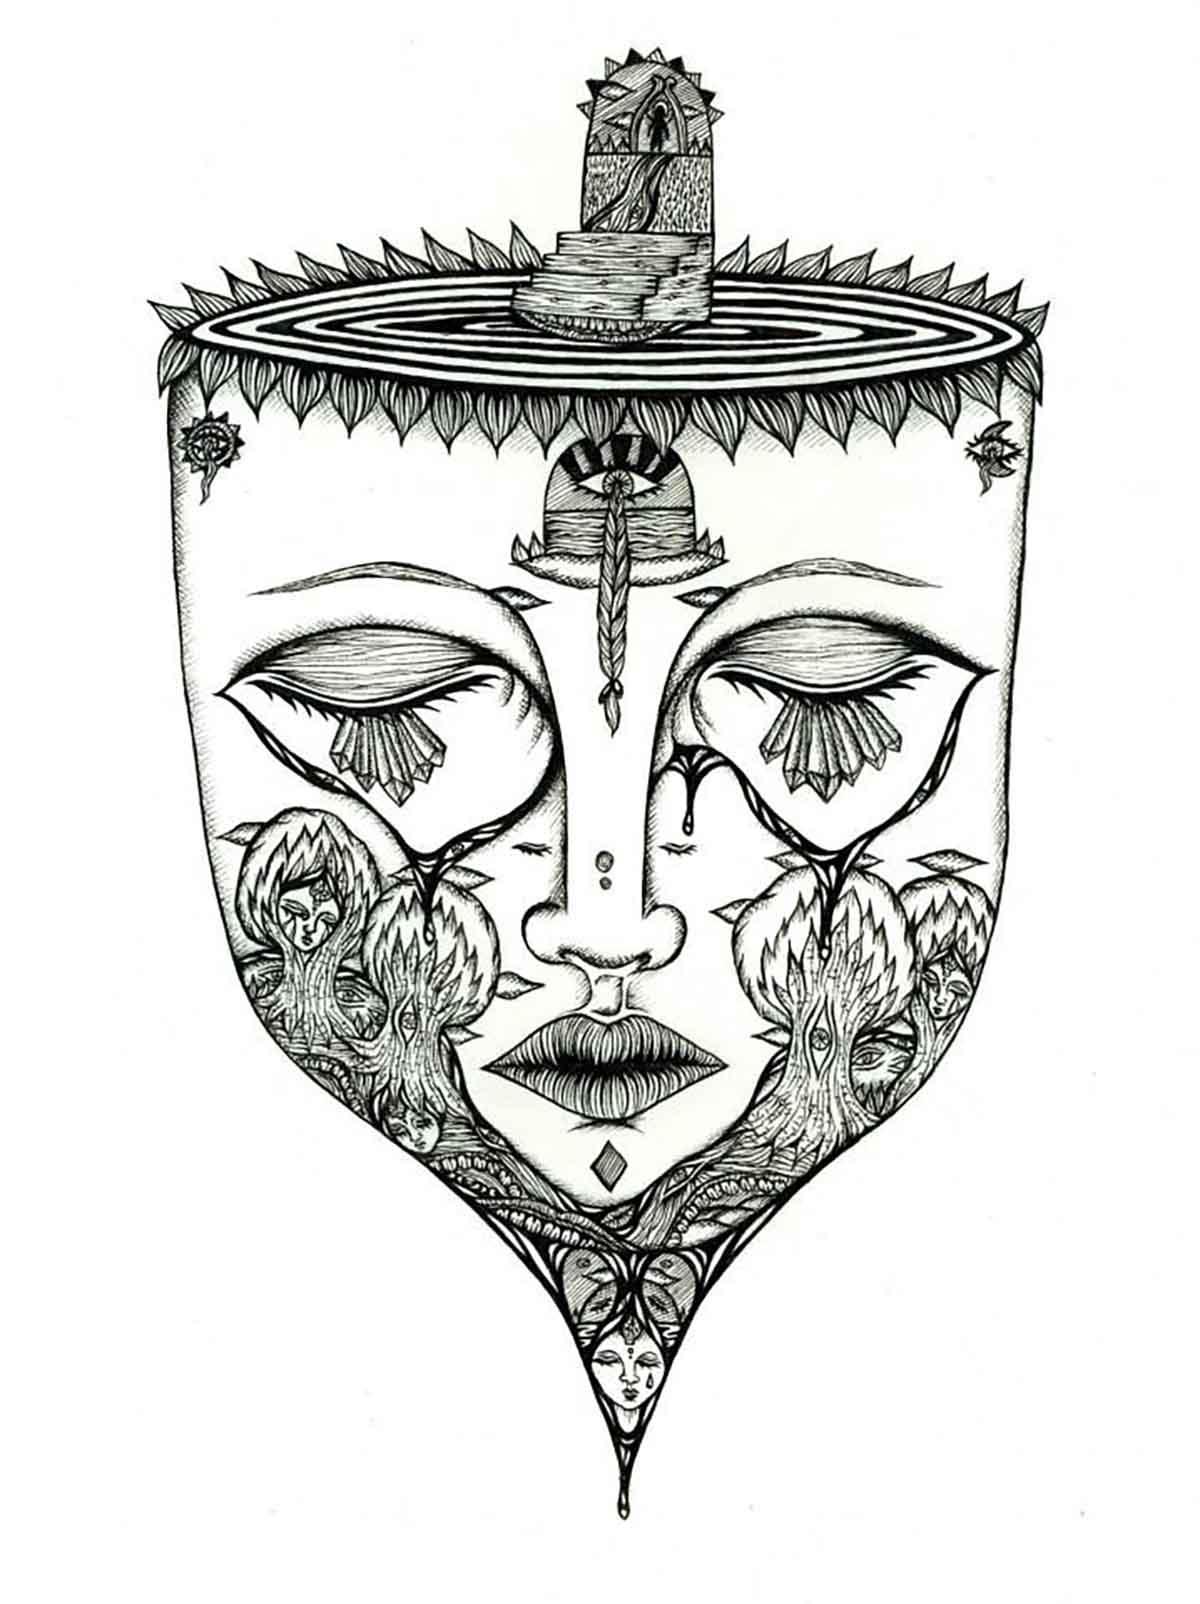 Mask, falling